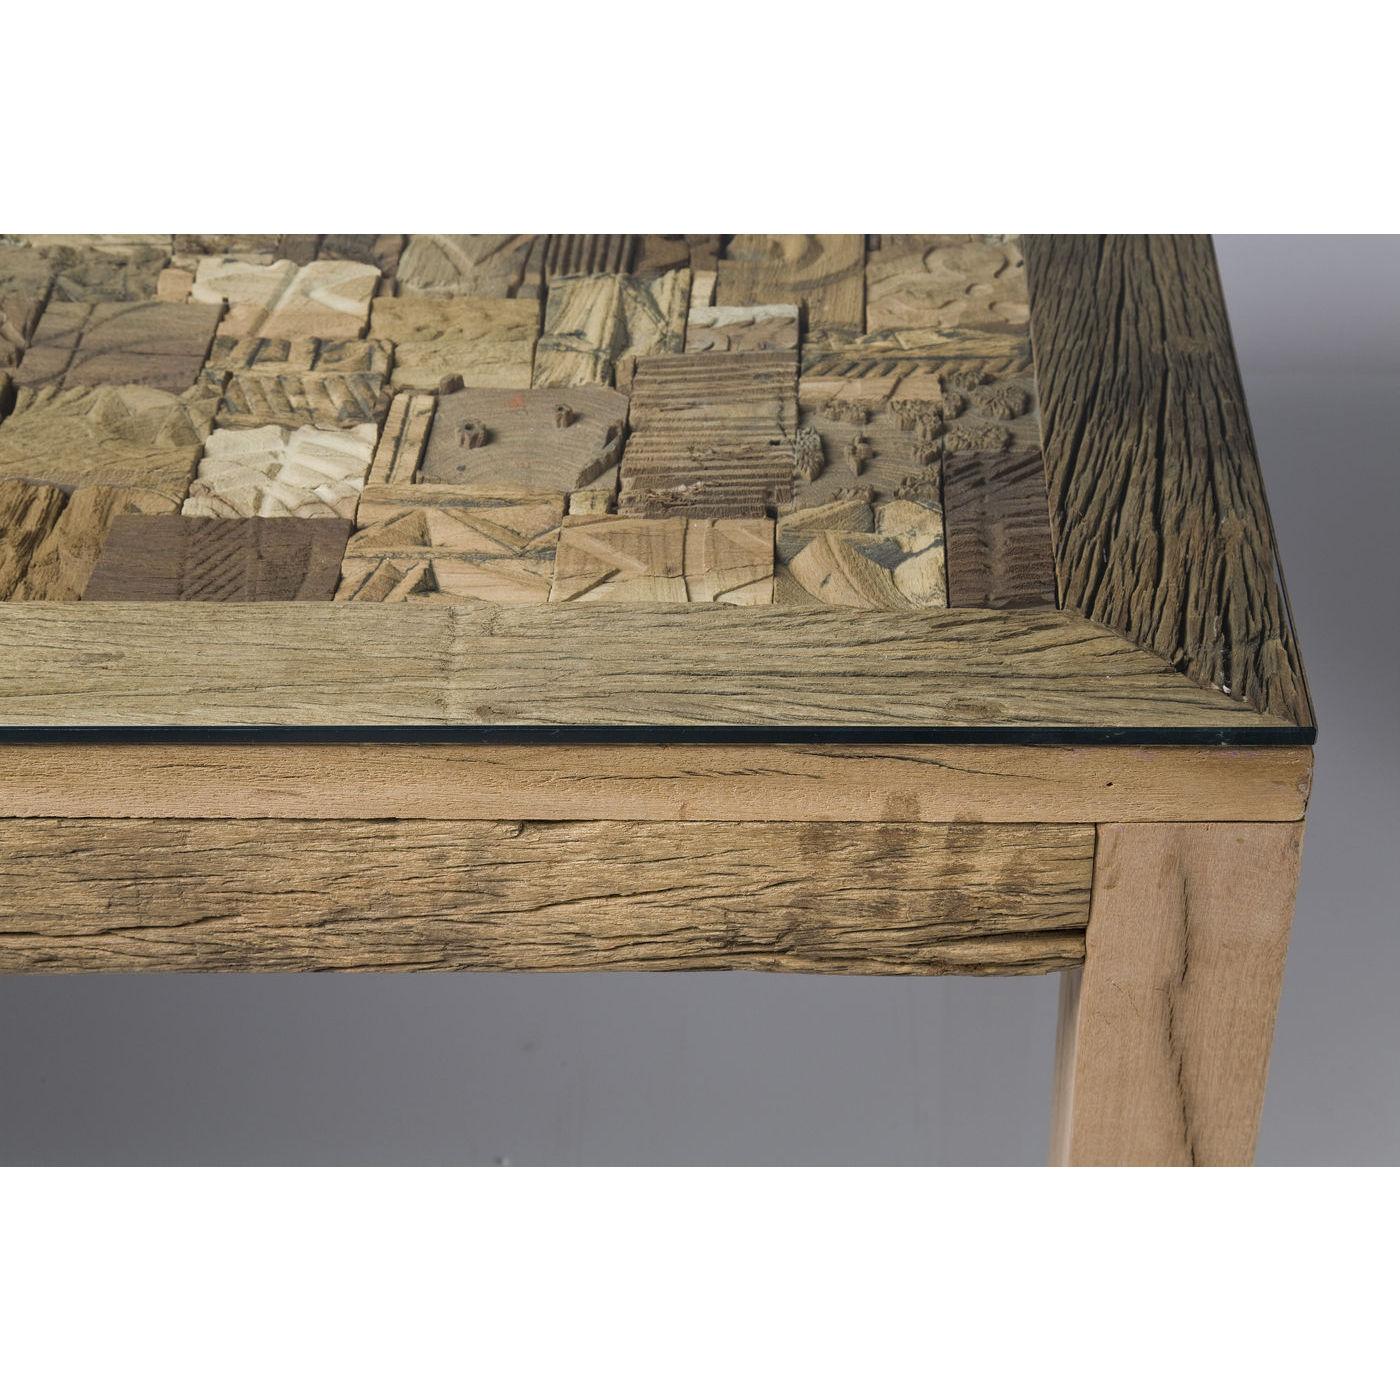 Memory spisebord i træ med mosaik og glasplade